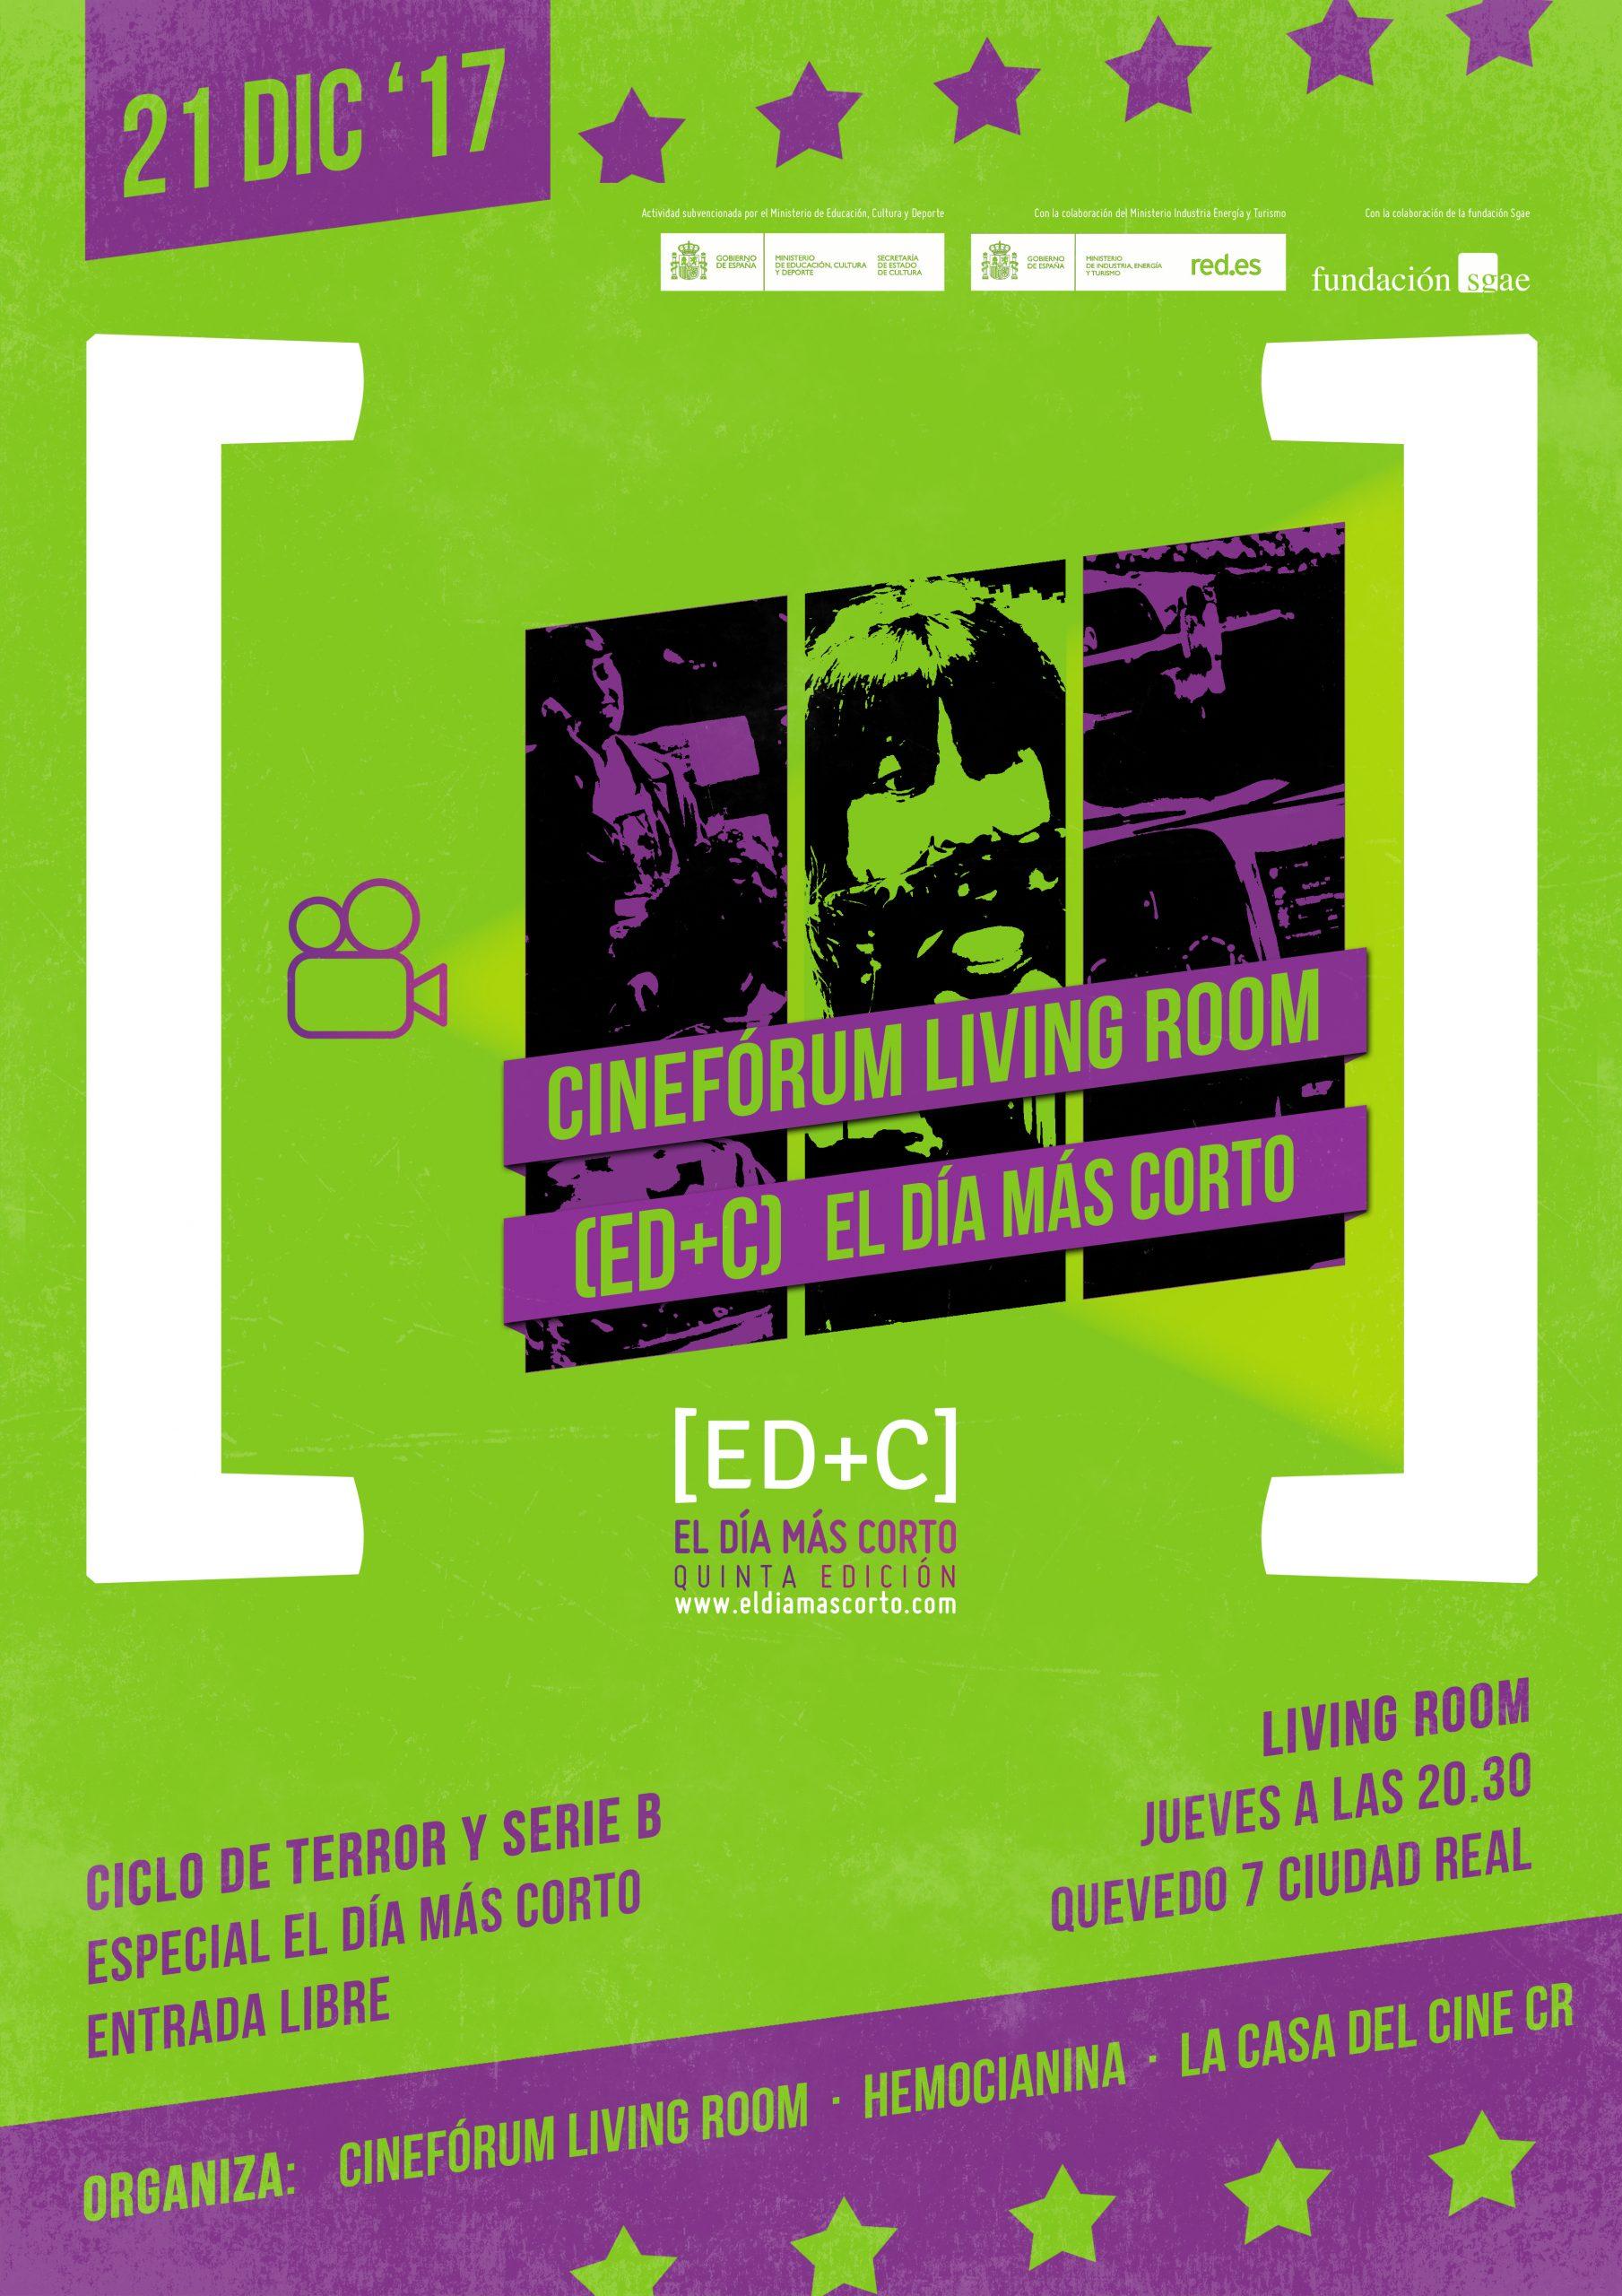 Ciudad Real festeja El Día Más Corto [ED+C]